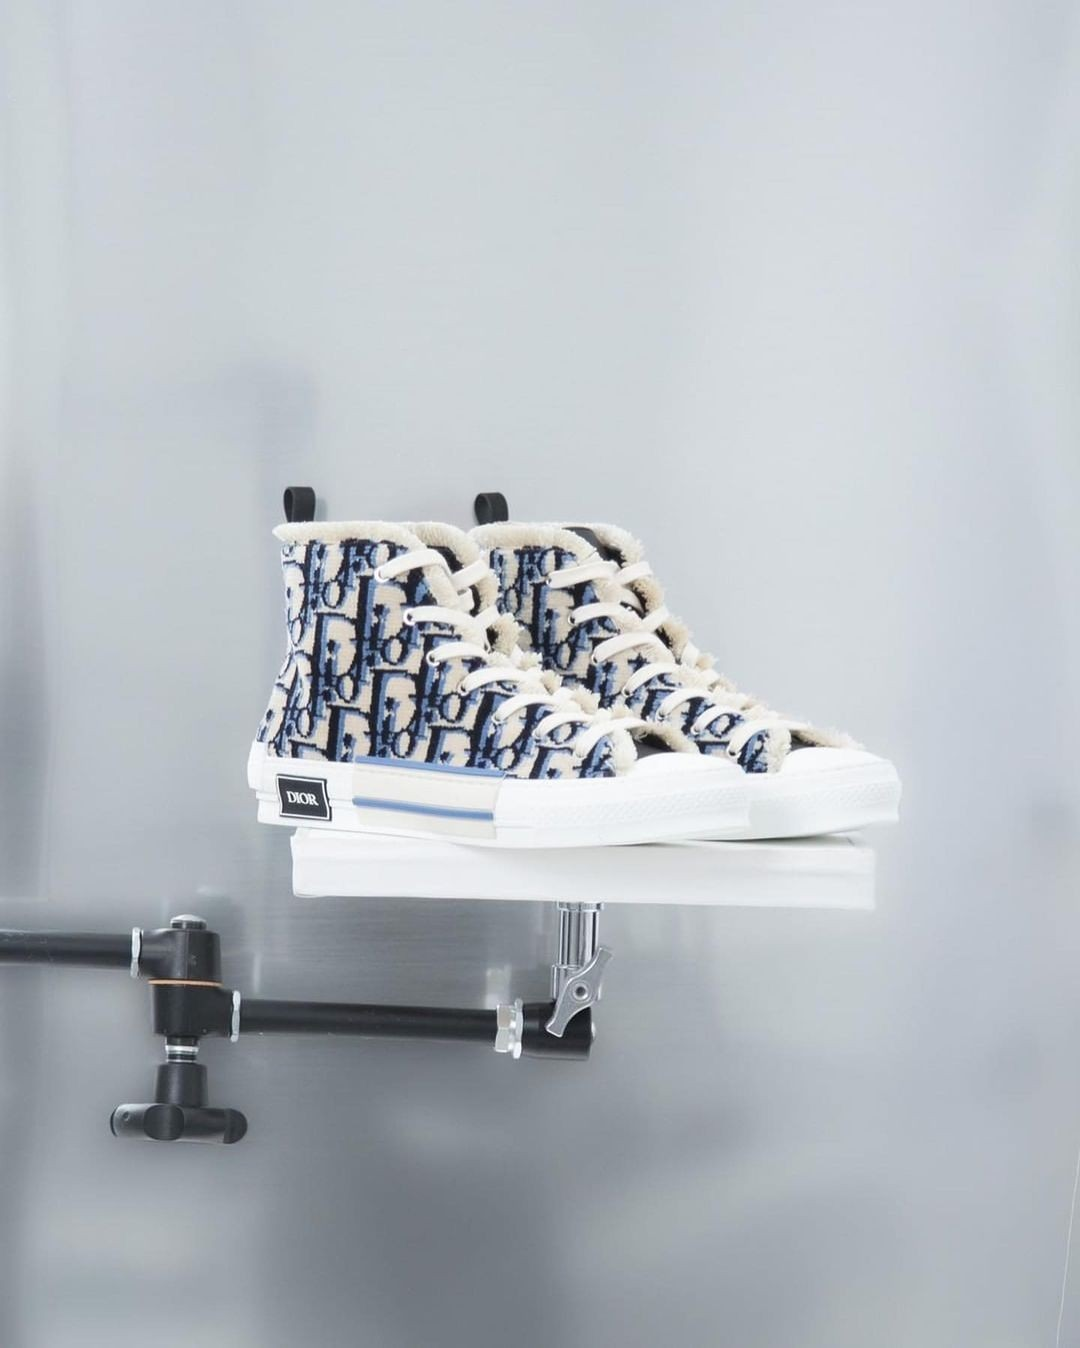 Dior monogram lana 2020 sneaker B23